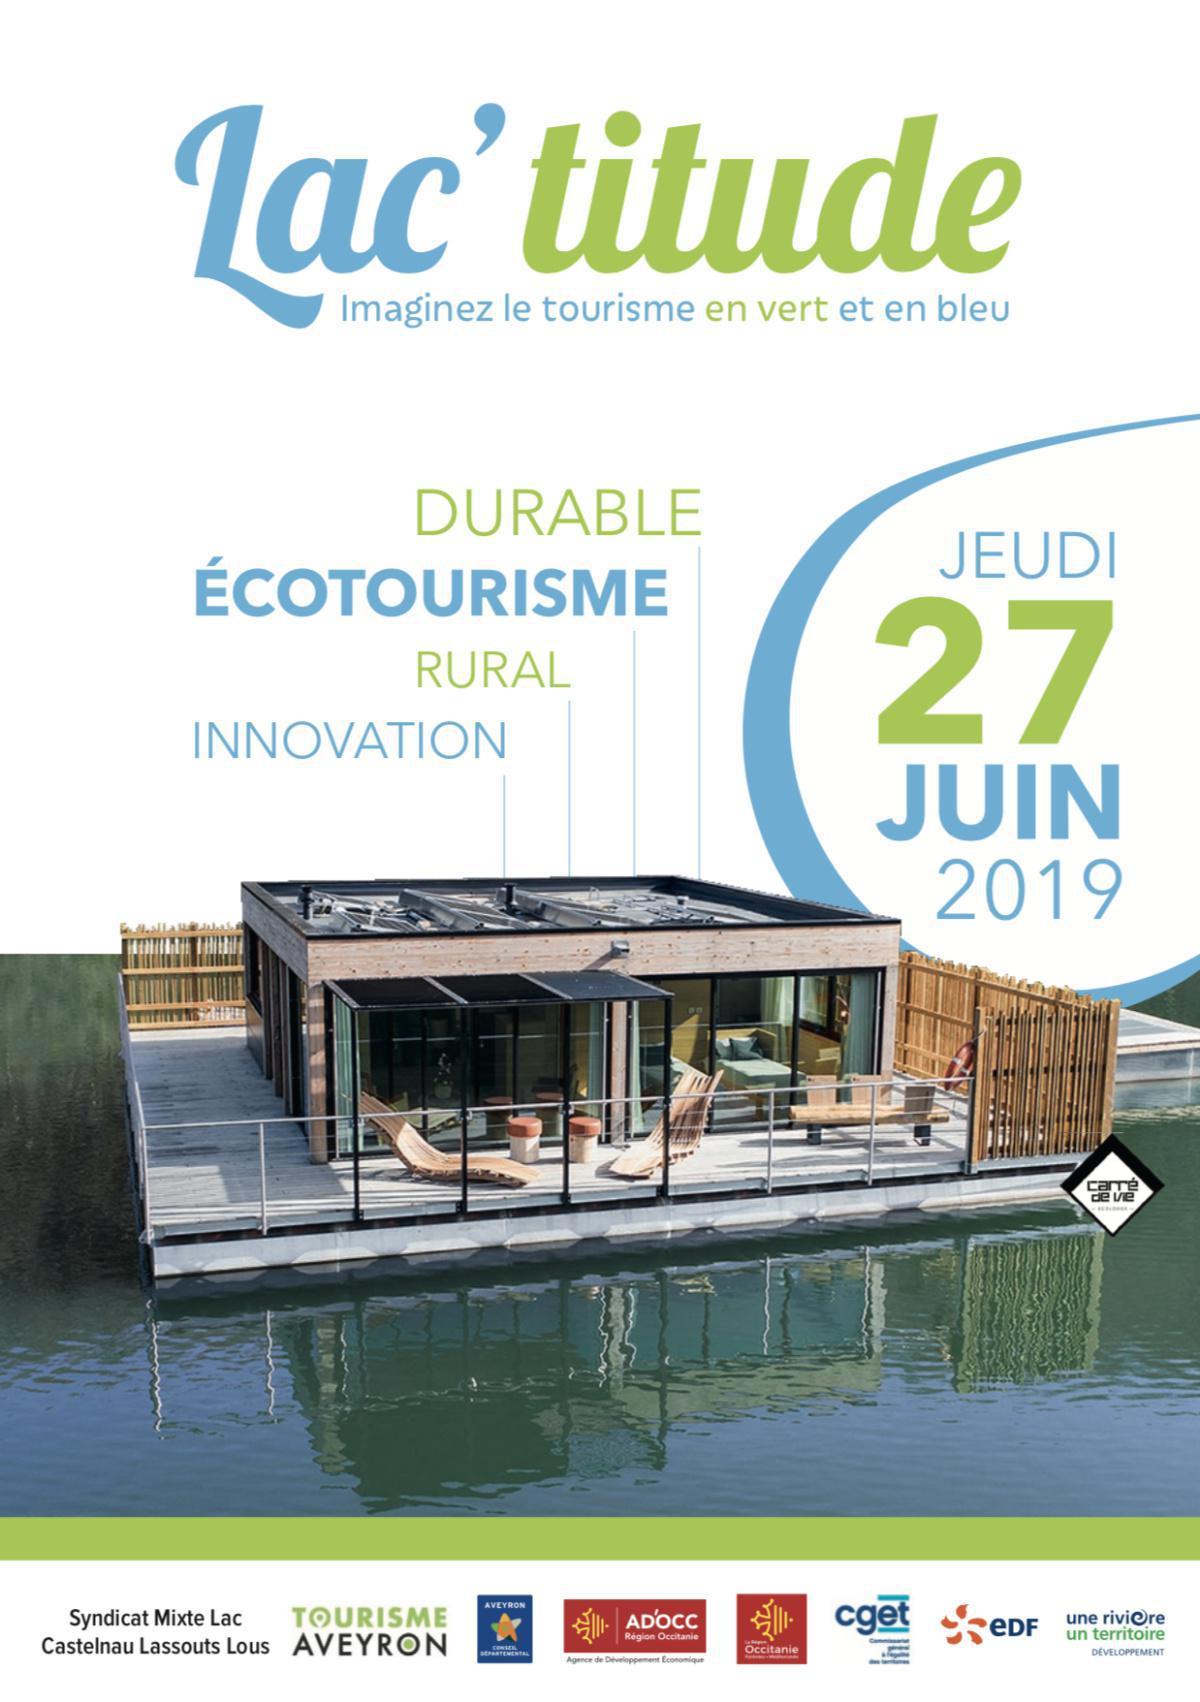 Lac'titude : Venez imaginer le tourisme en vert et en bleu le 27 juin 2019